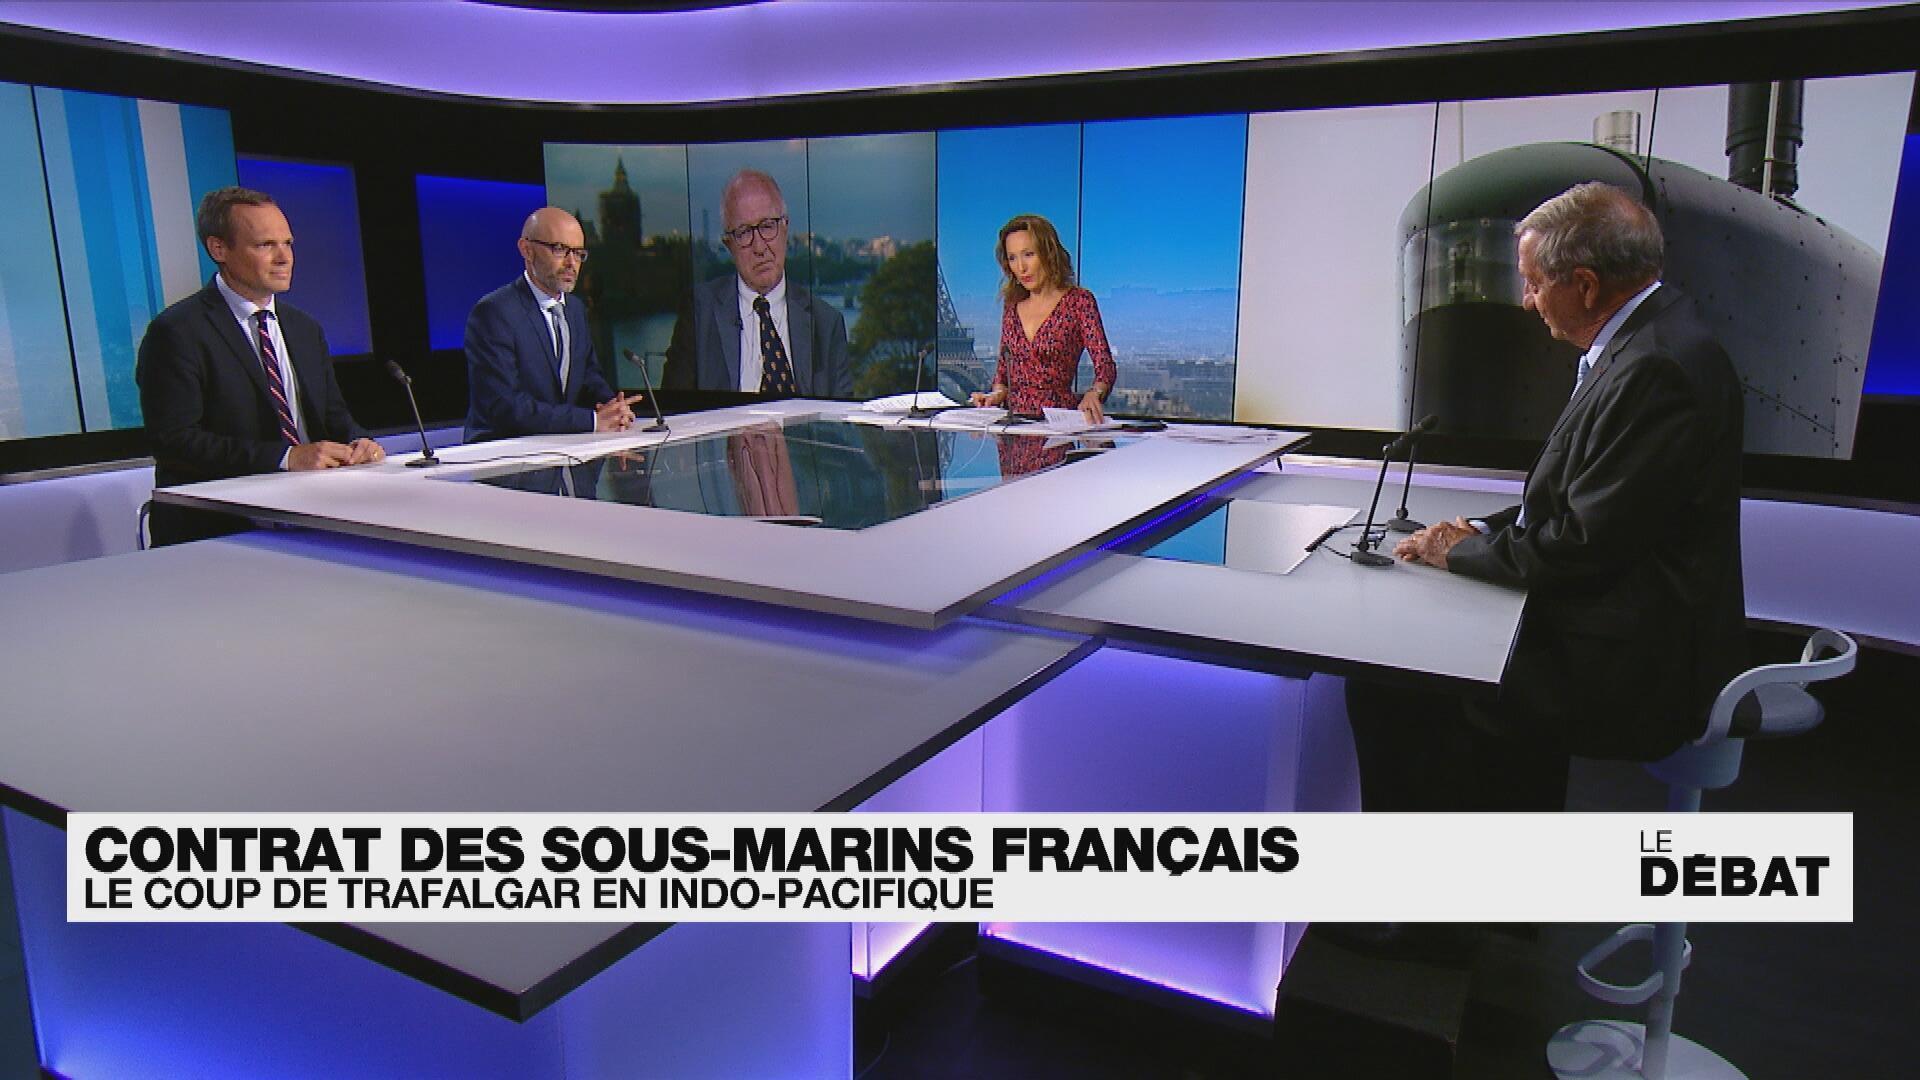 Le Débat de France 24 - jeudi 16 septembre 2021